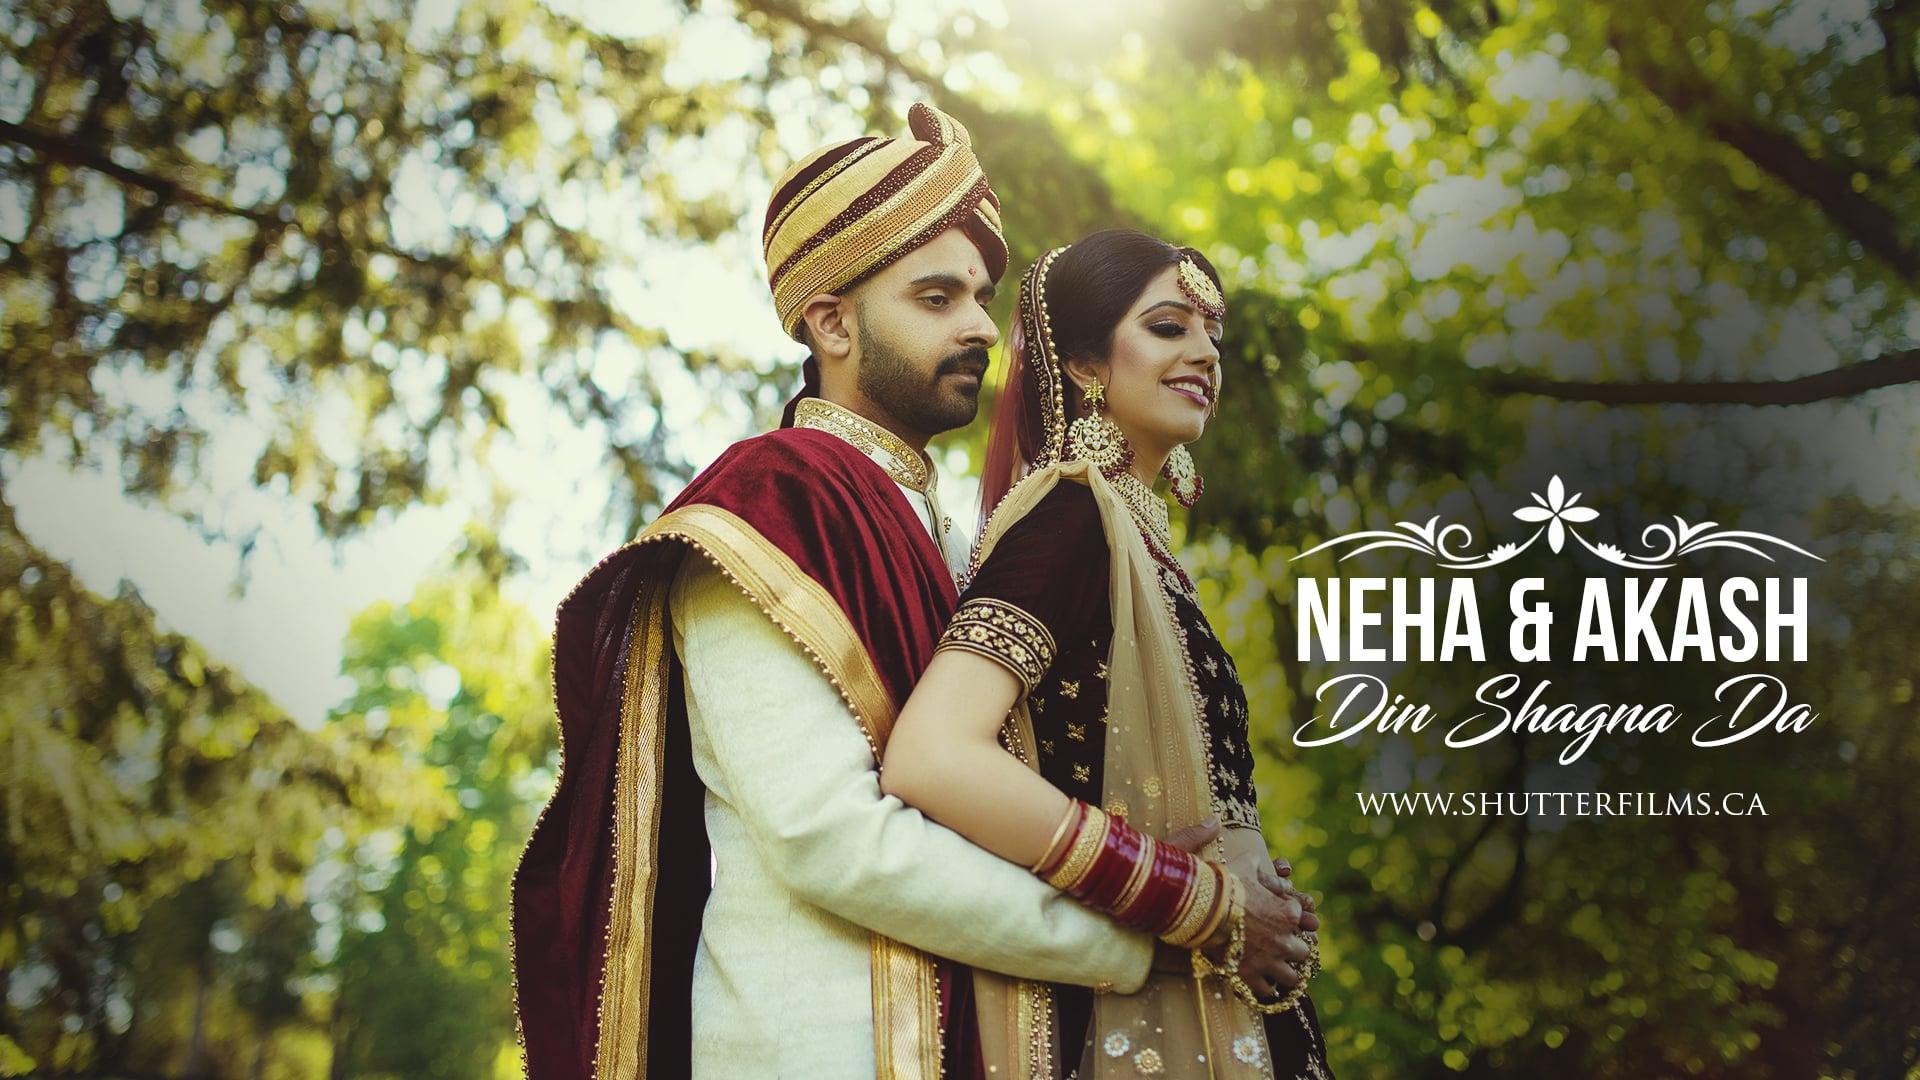 Neha + Akash   Din Shagna Da